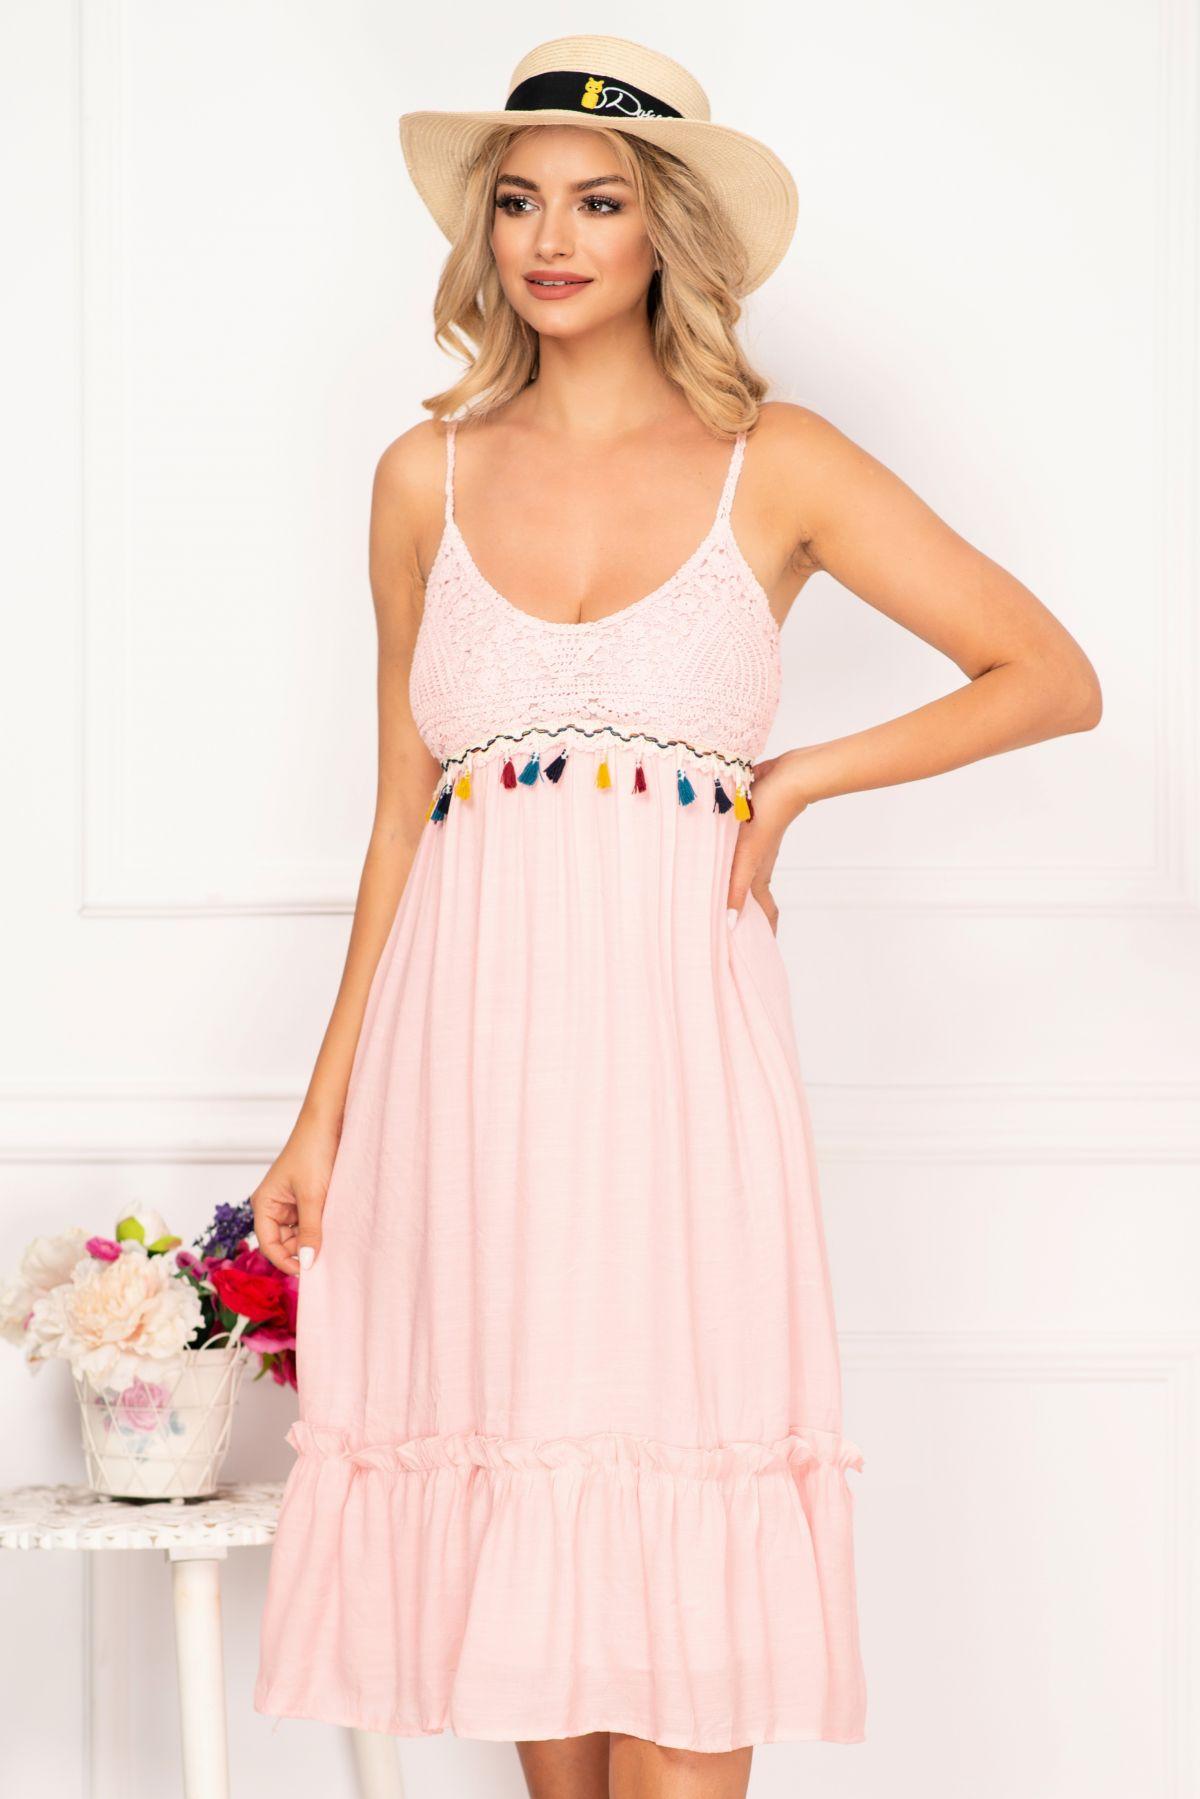 Rochie de plaja roz lejera cu broderie si ciucuri colorati